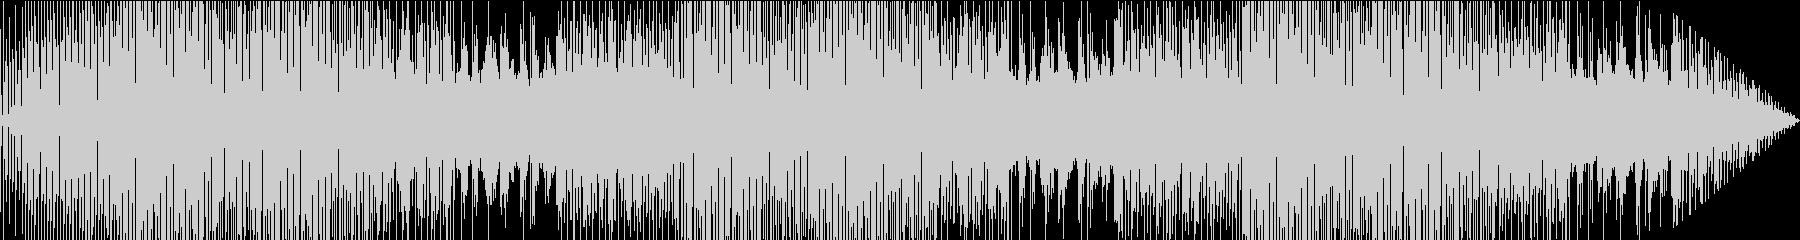 近代的エレクトロポップの未再生の波形